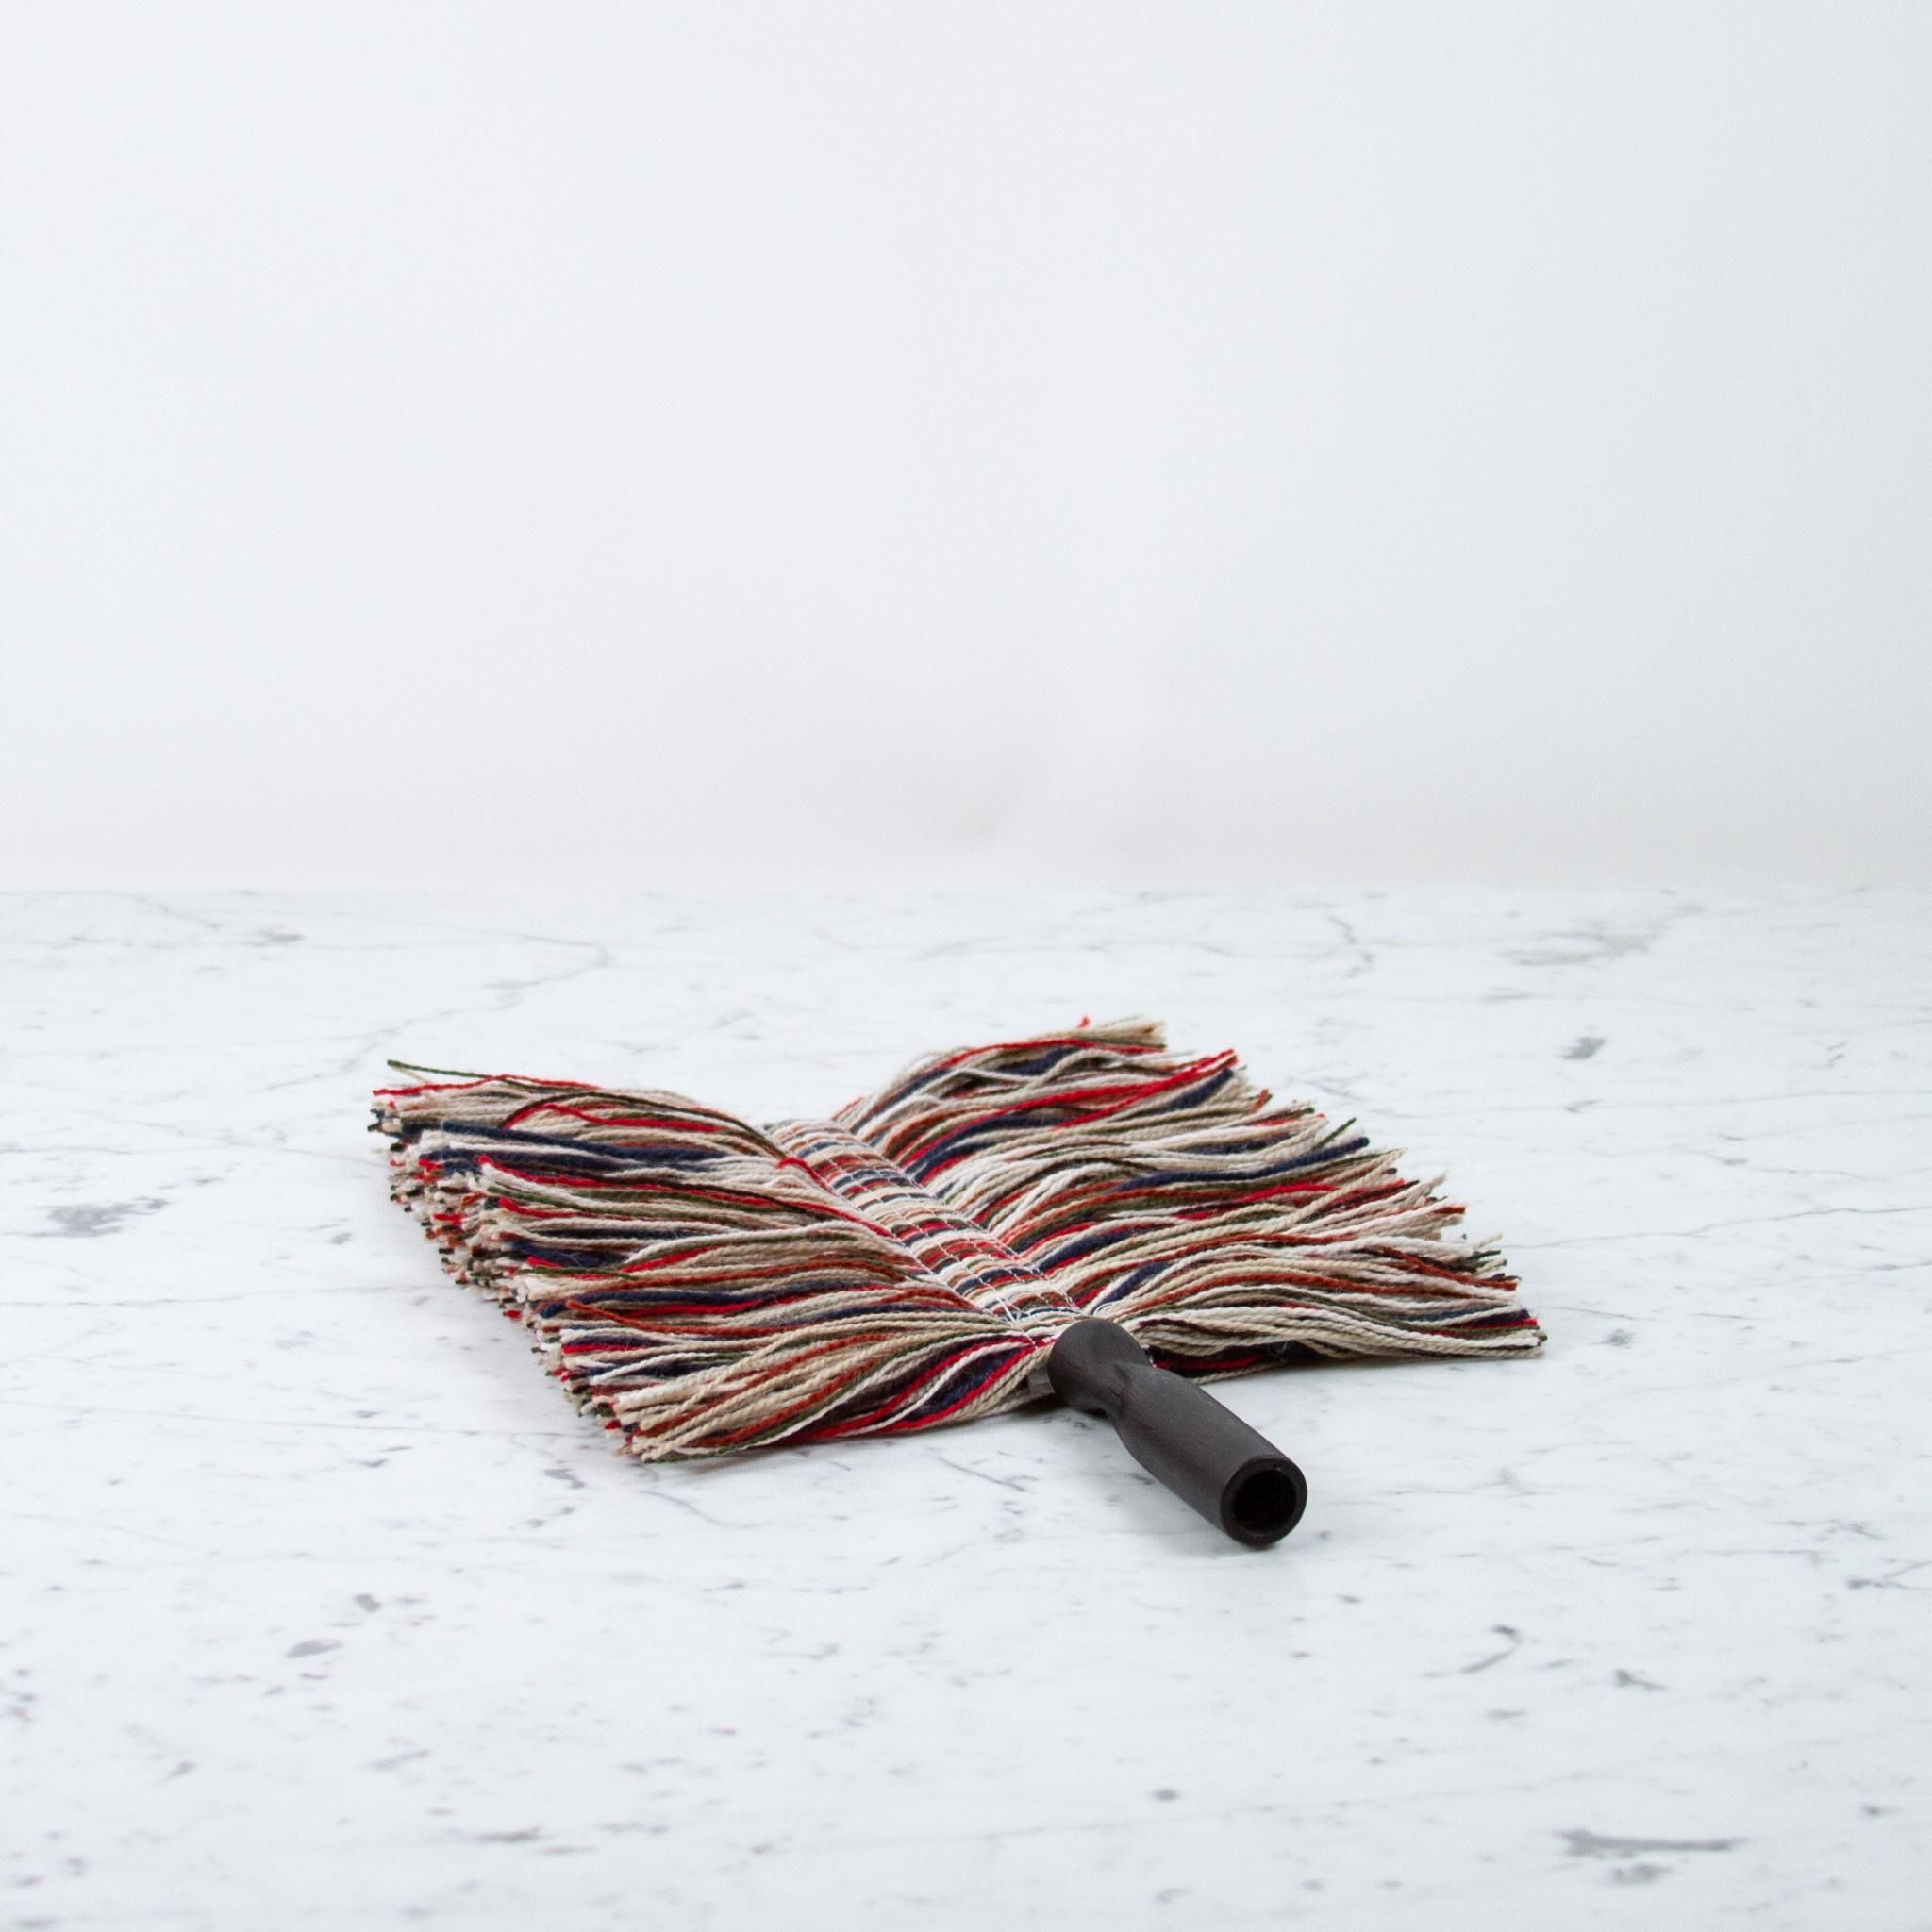 Sladust Mops Wool Duster with Black Handle